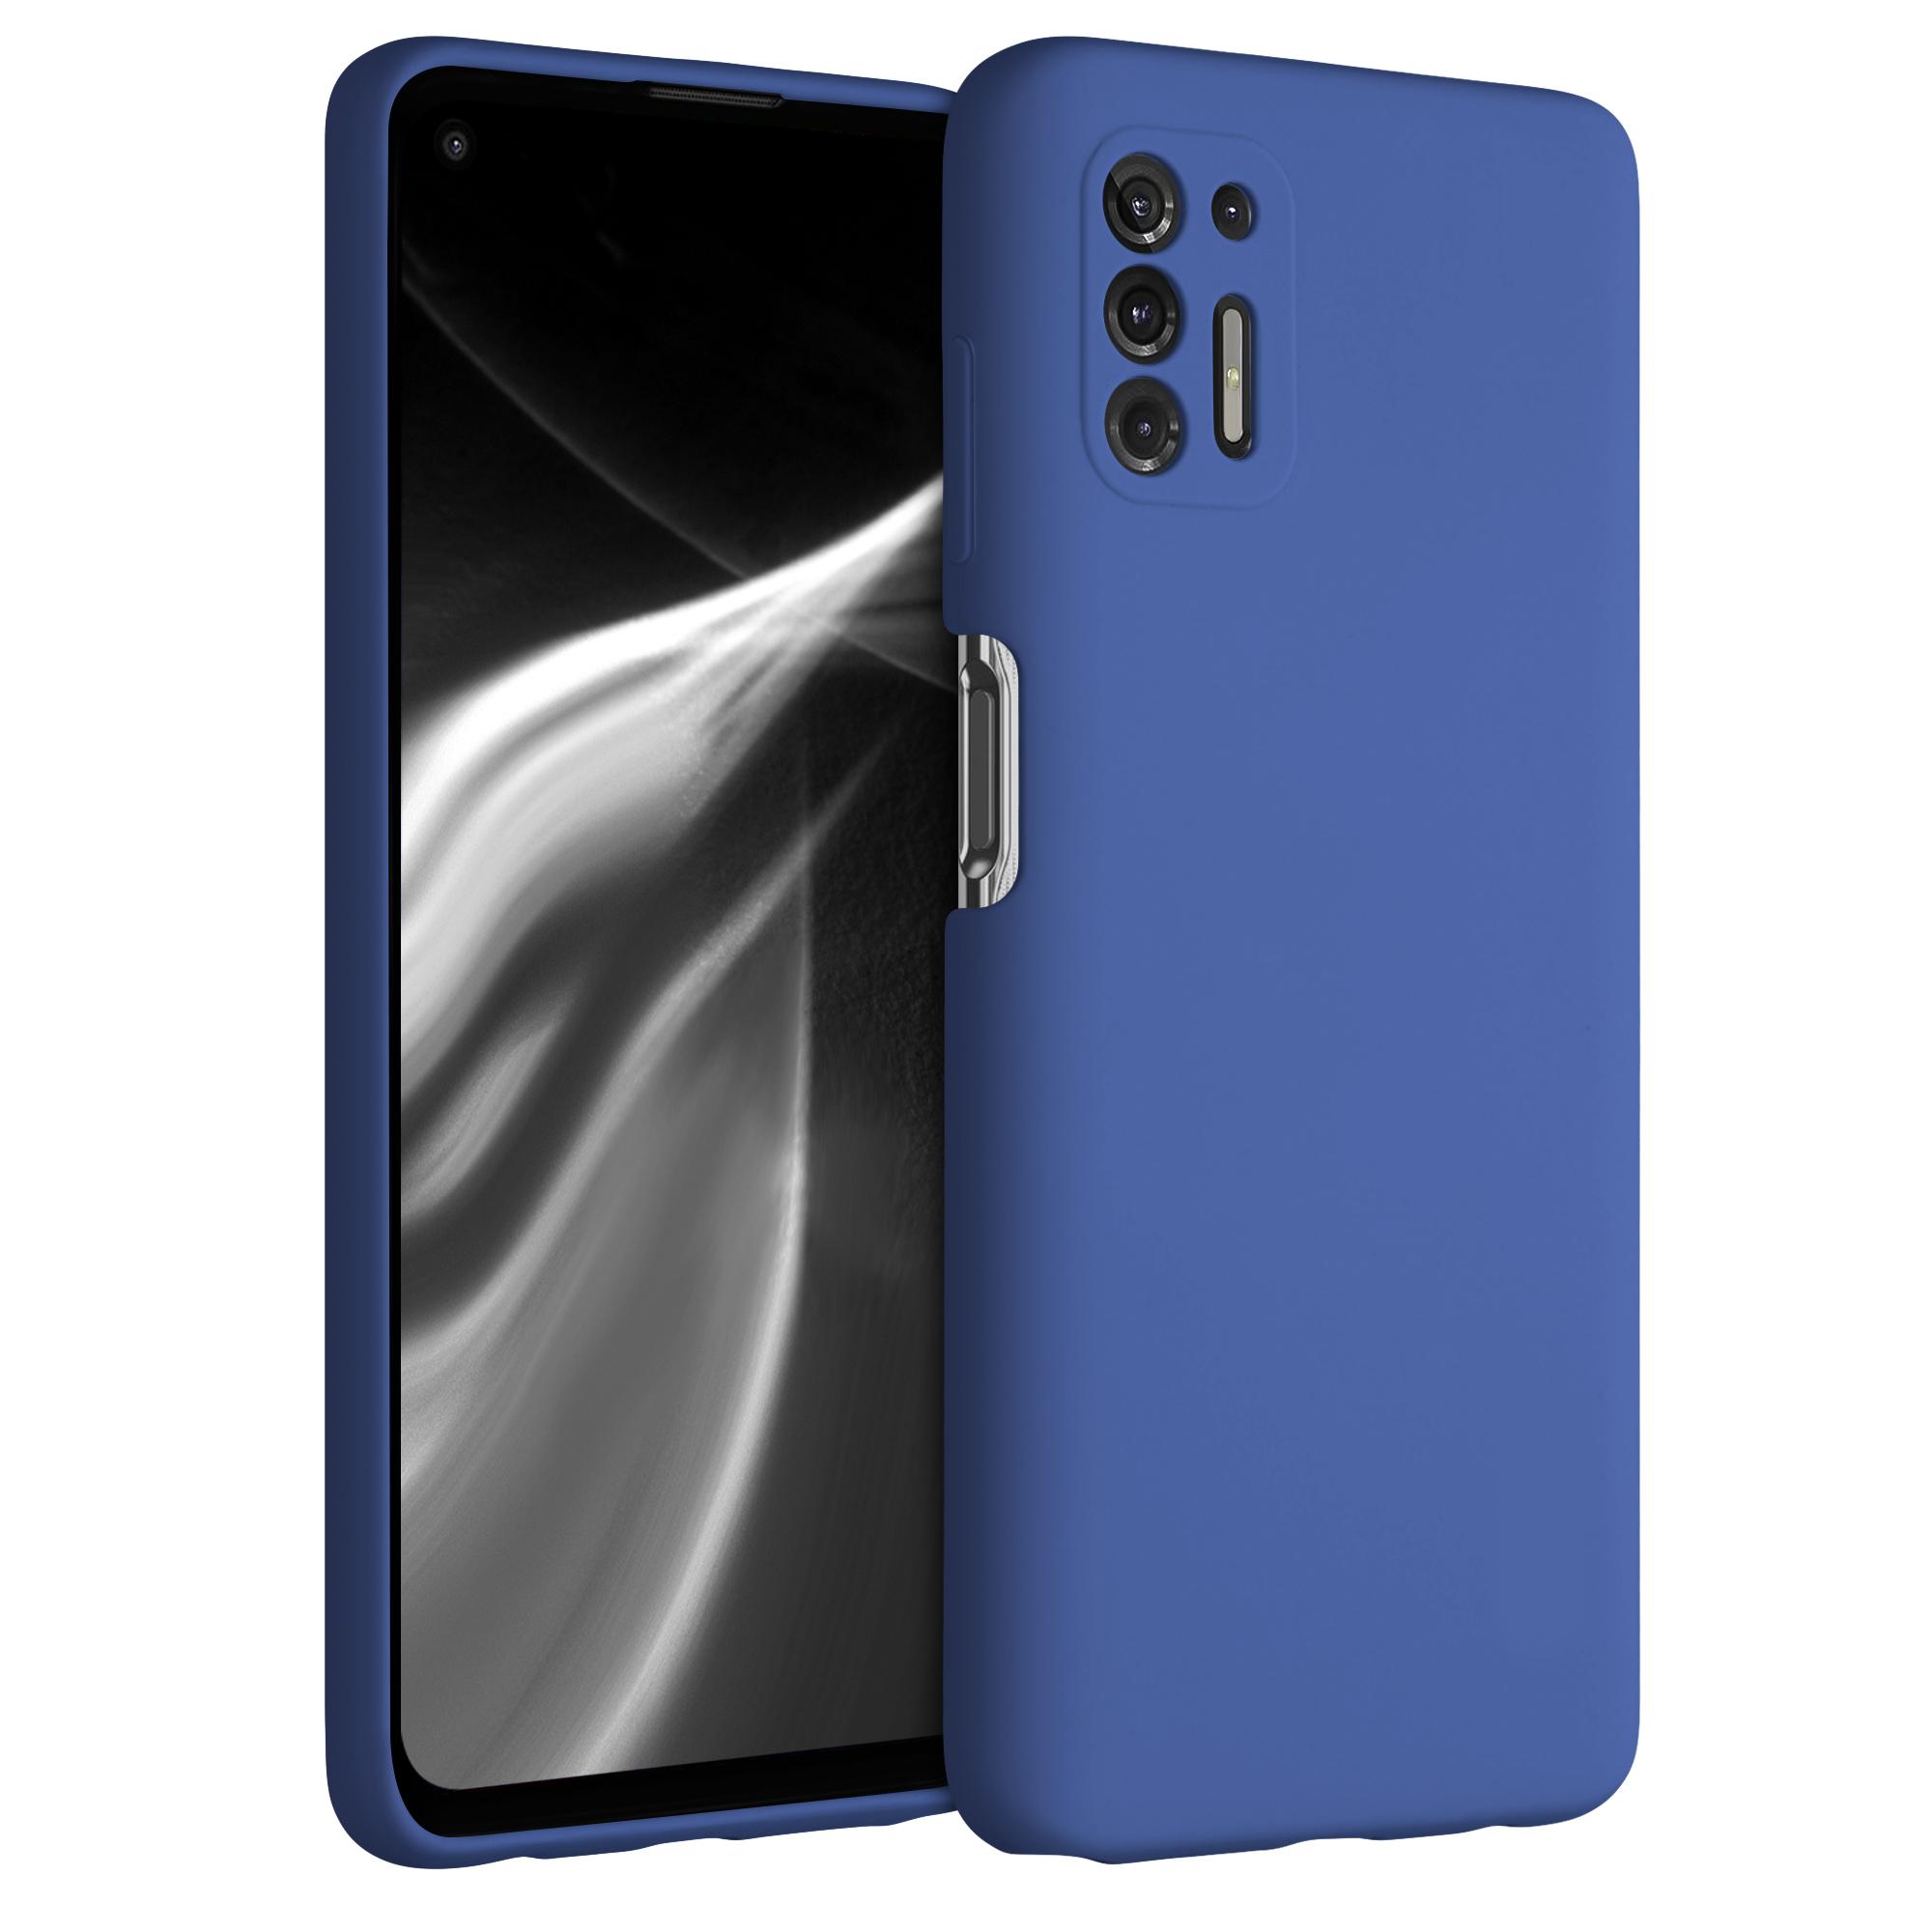 Kvalitní silikonové TPU pouzdro | obal pro Motorola Moto G Pro (2021) / Moto G Stylus (2021) - Chrpová modř